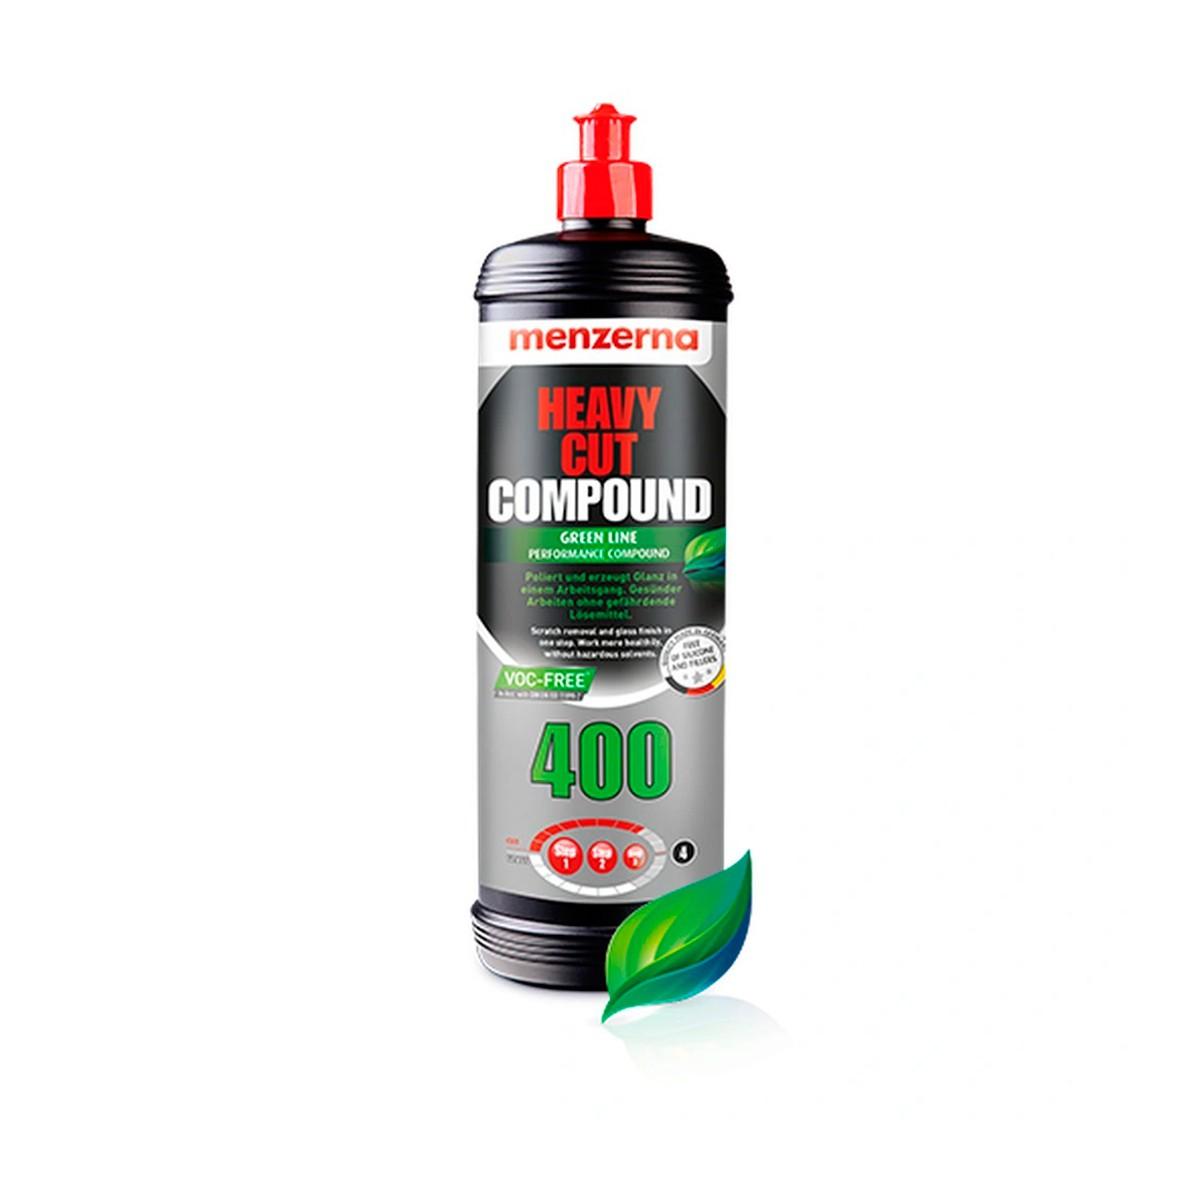 Heavy Cut Compound 400 Green Line 1Kg - Menzerna